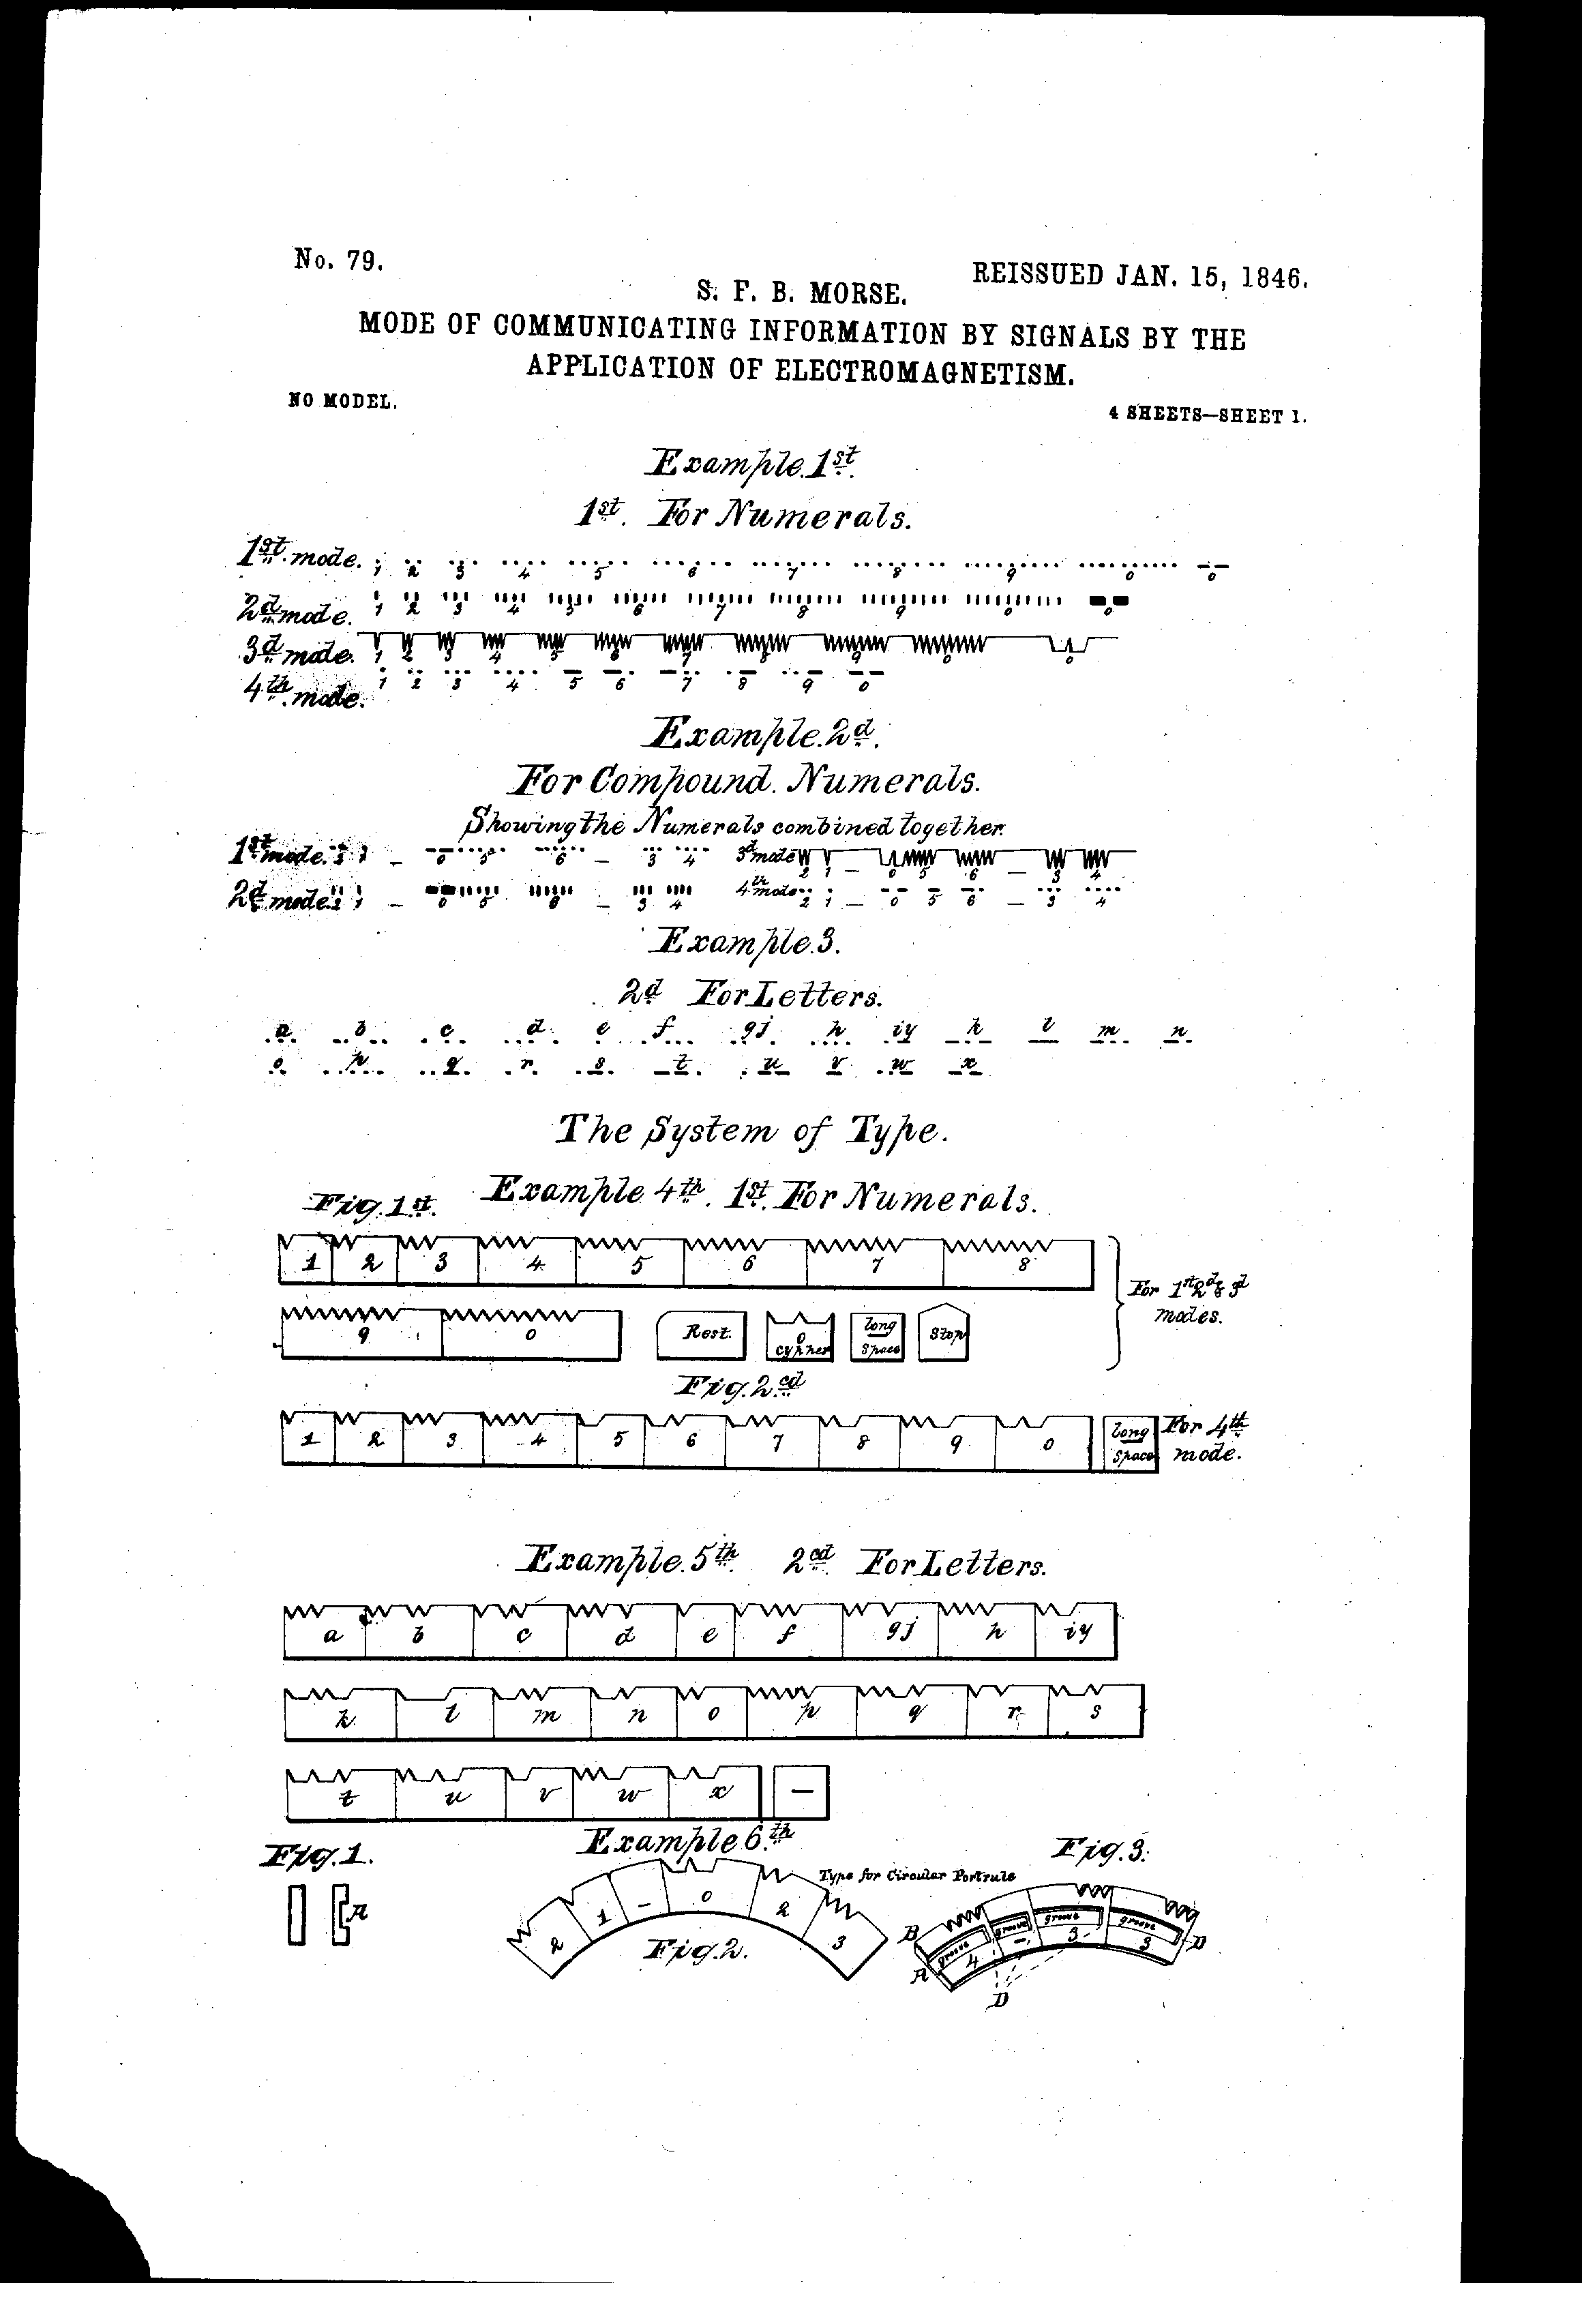 Szokokut alakzatokat rajzol 556 - Szokokut Alakzatokat Rajzol 556 5